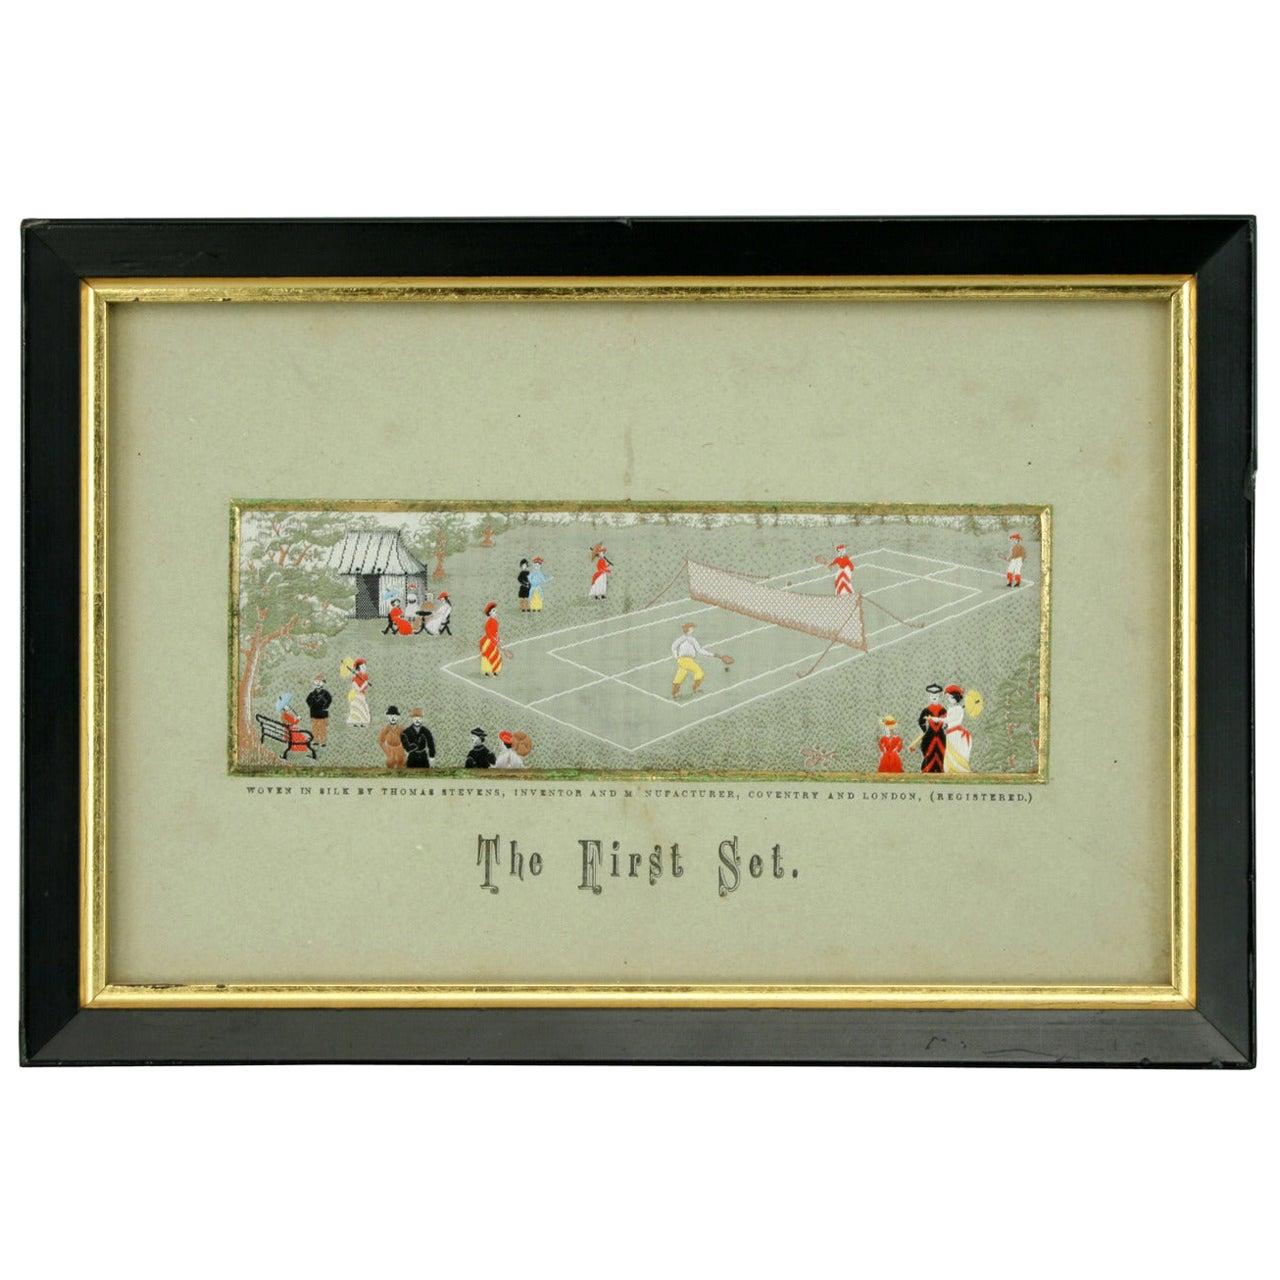 Stevengraph, a Tennis Match, the First Set